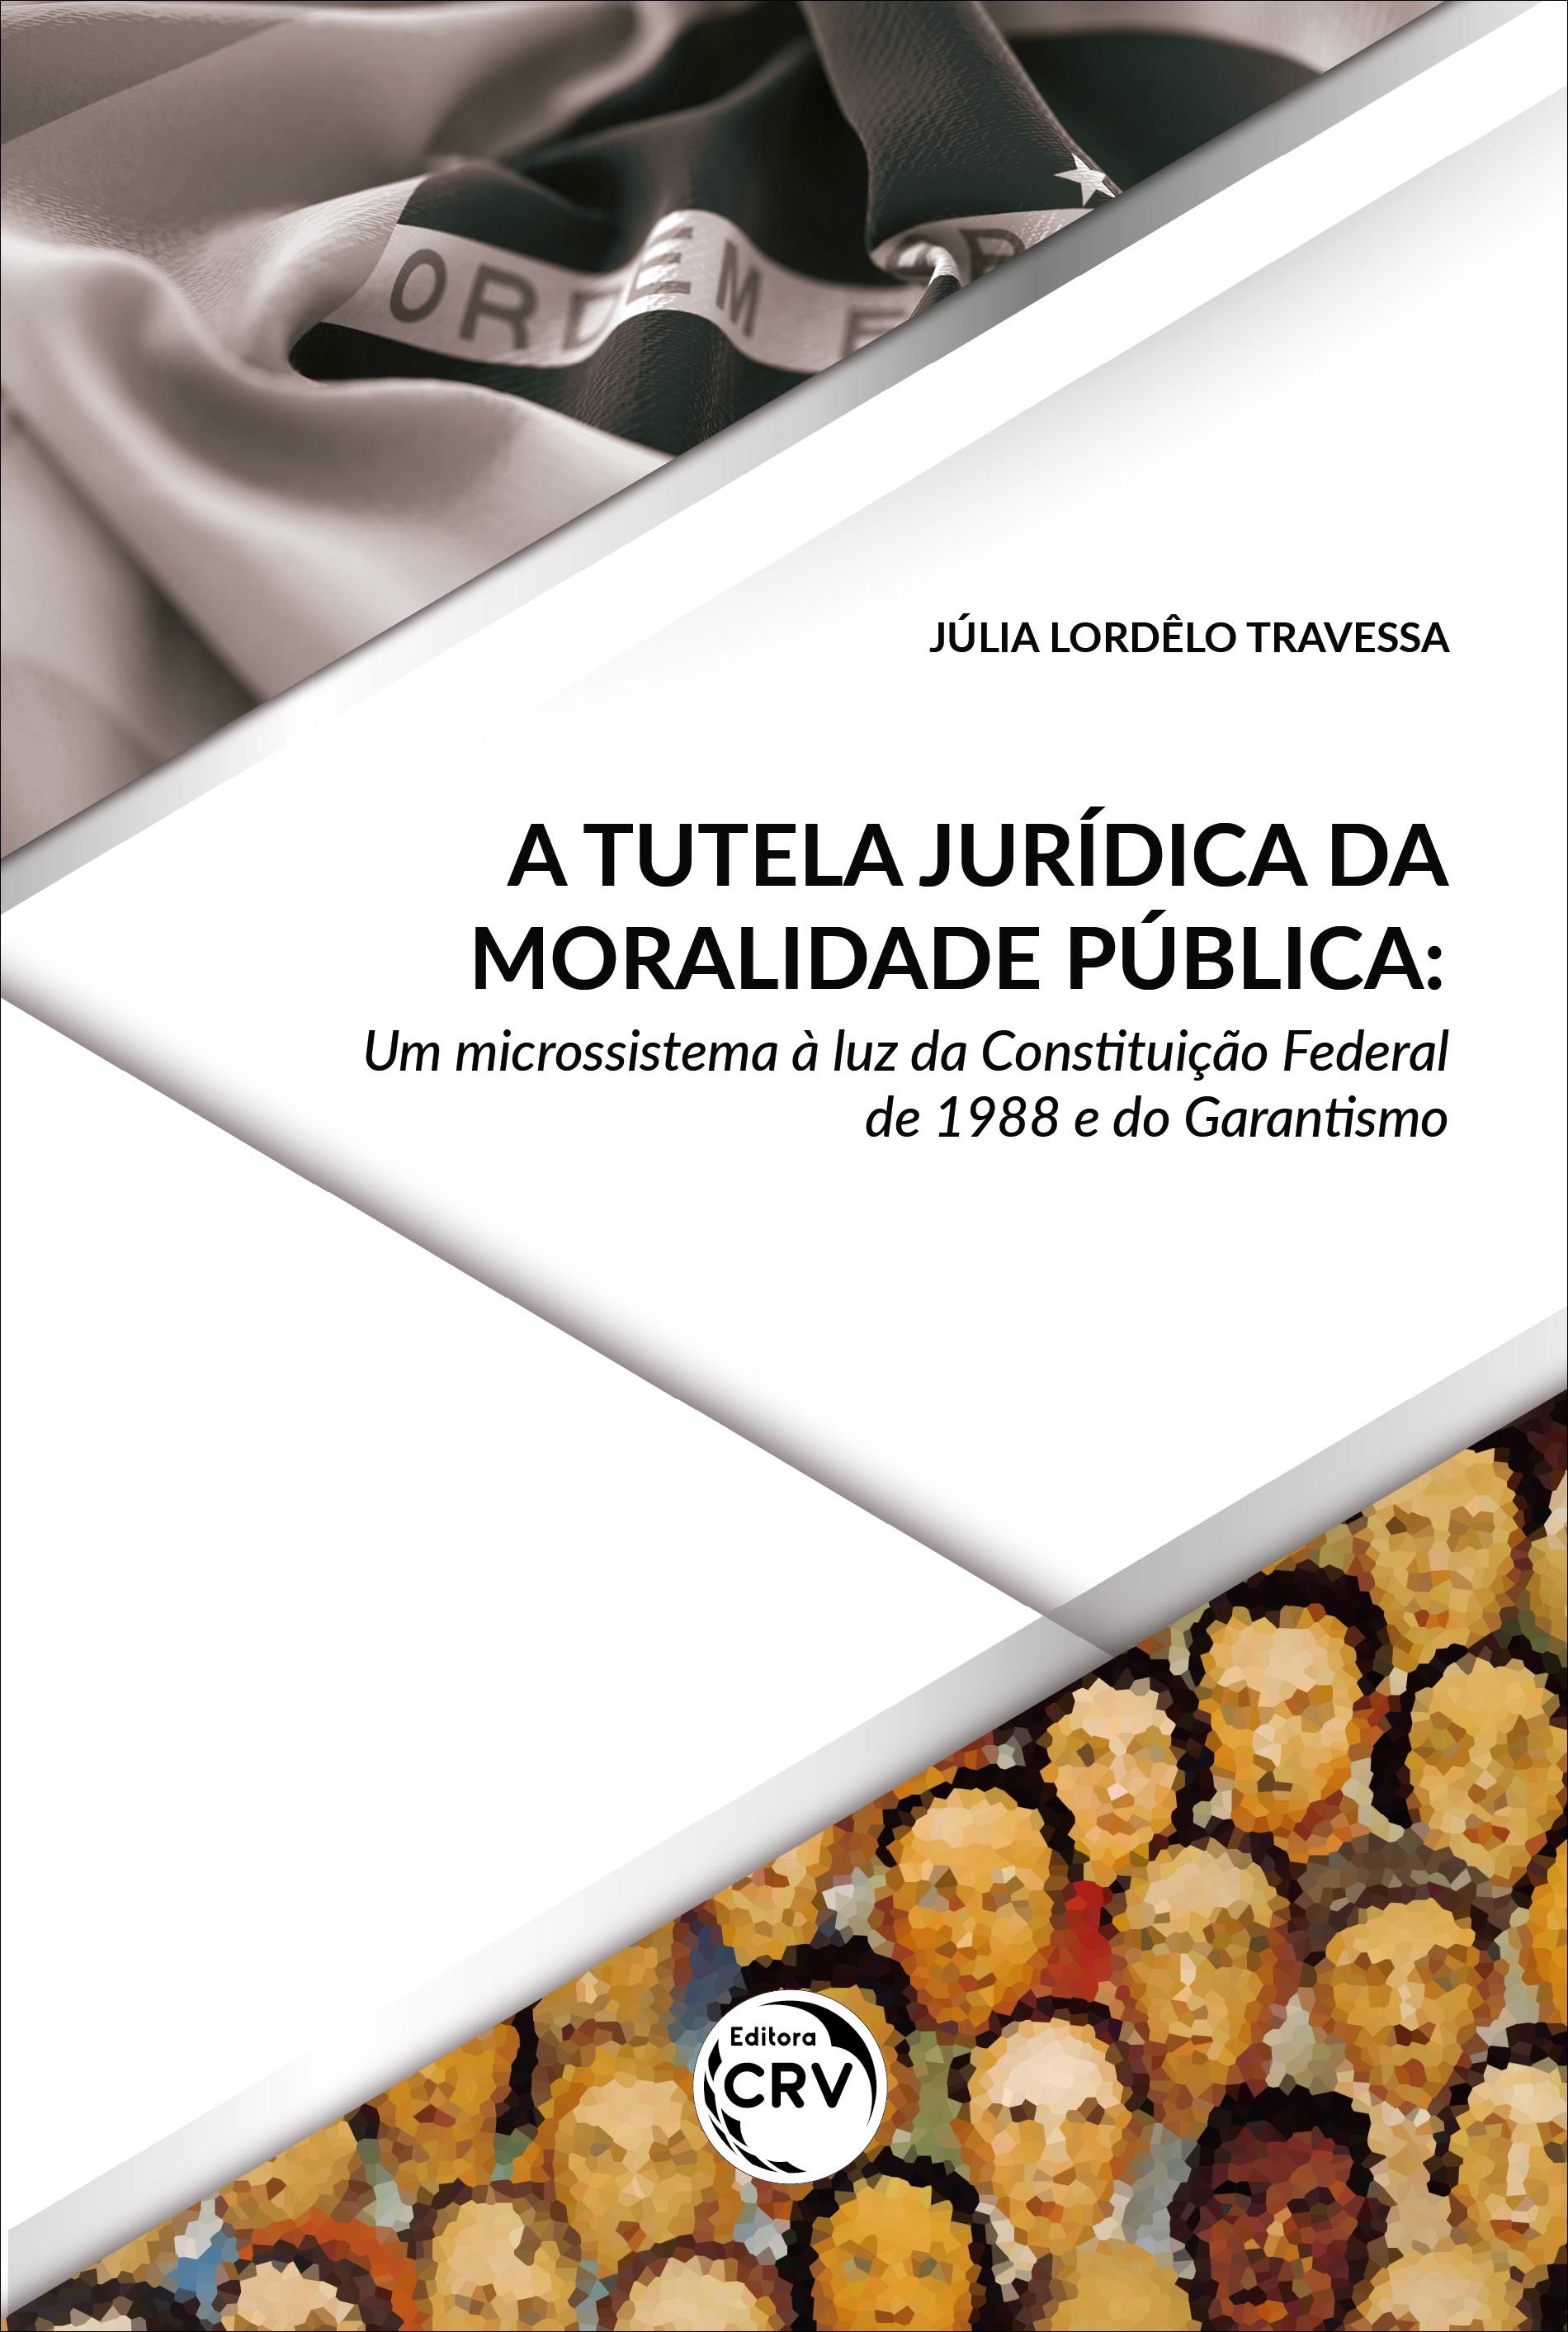 Capa do livro: A TUTELA JURÍDICA DA MORALIDADE PÚBLICA:<br> um microssistema à luz da Constituição Federal de 1988 e do Garantismo